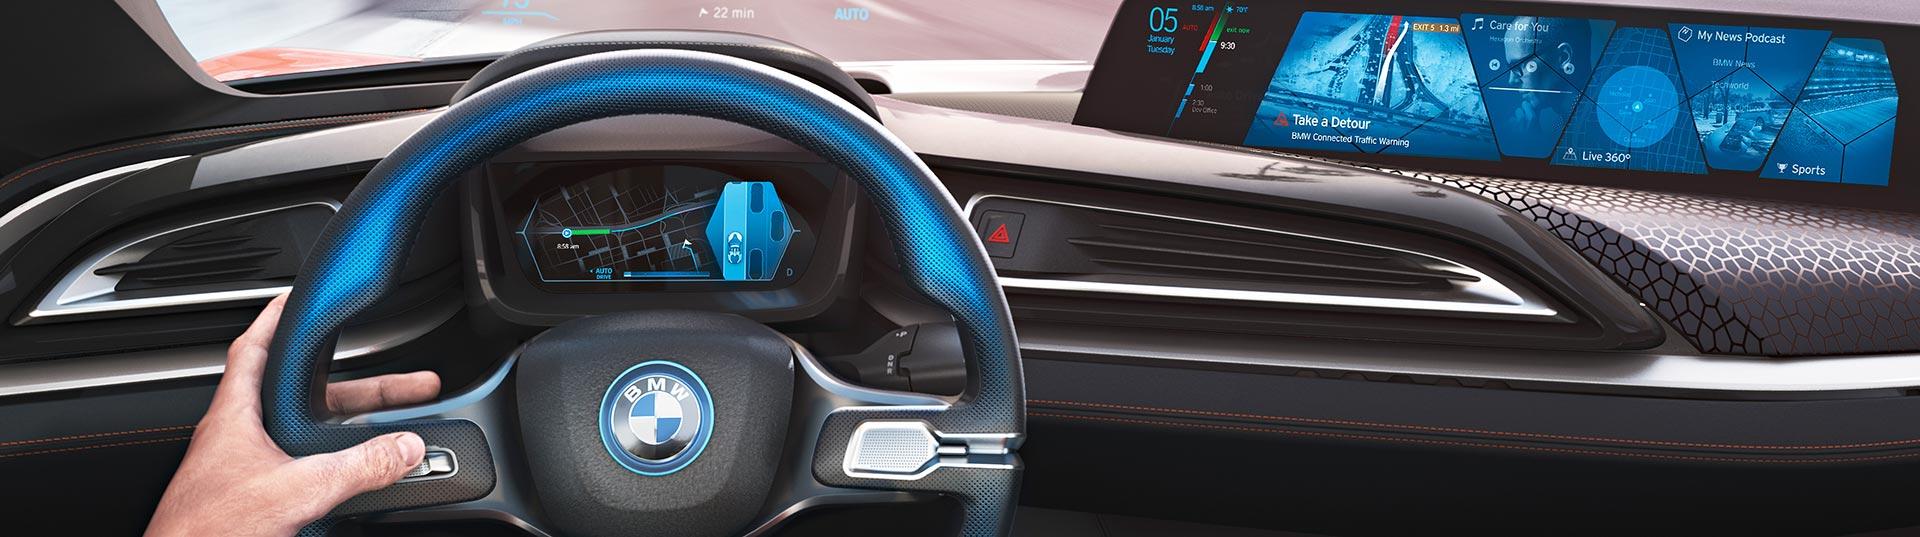 parceria entre bmw e intel para carros autónomos